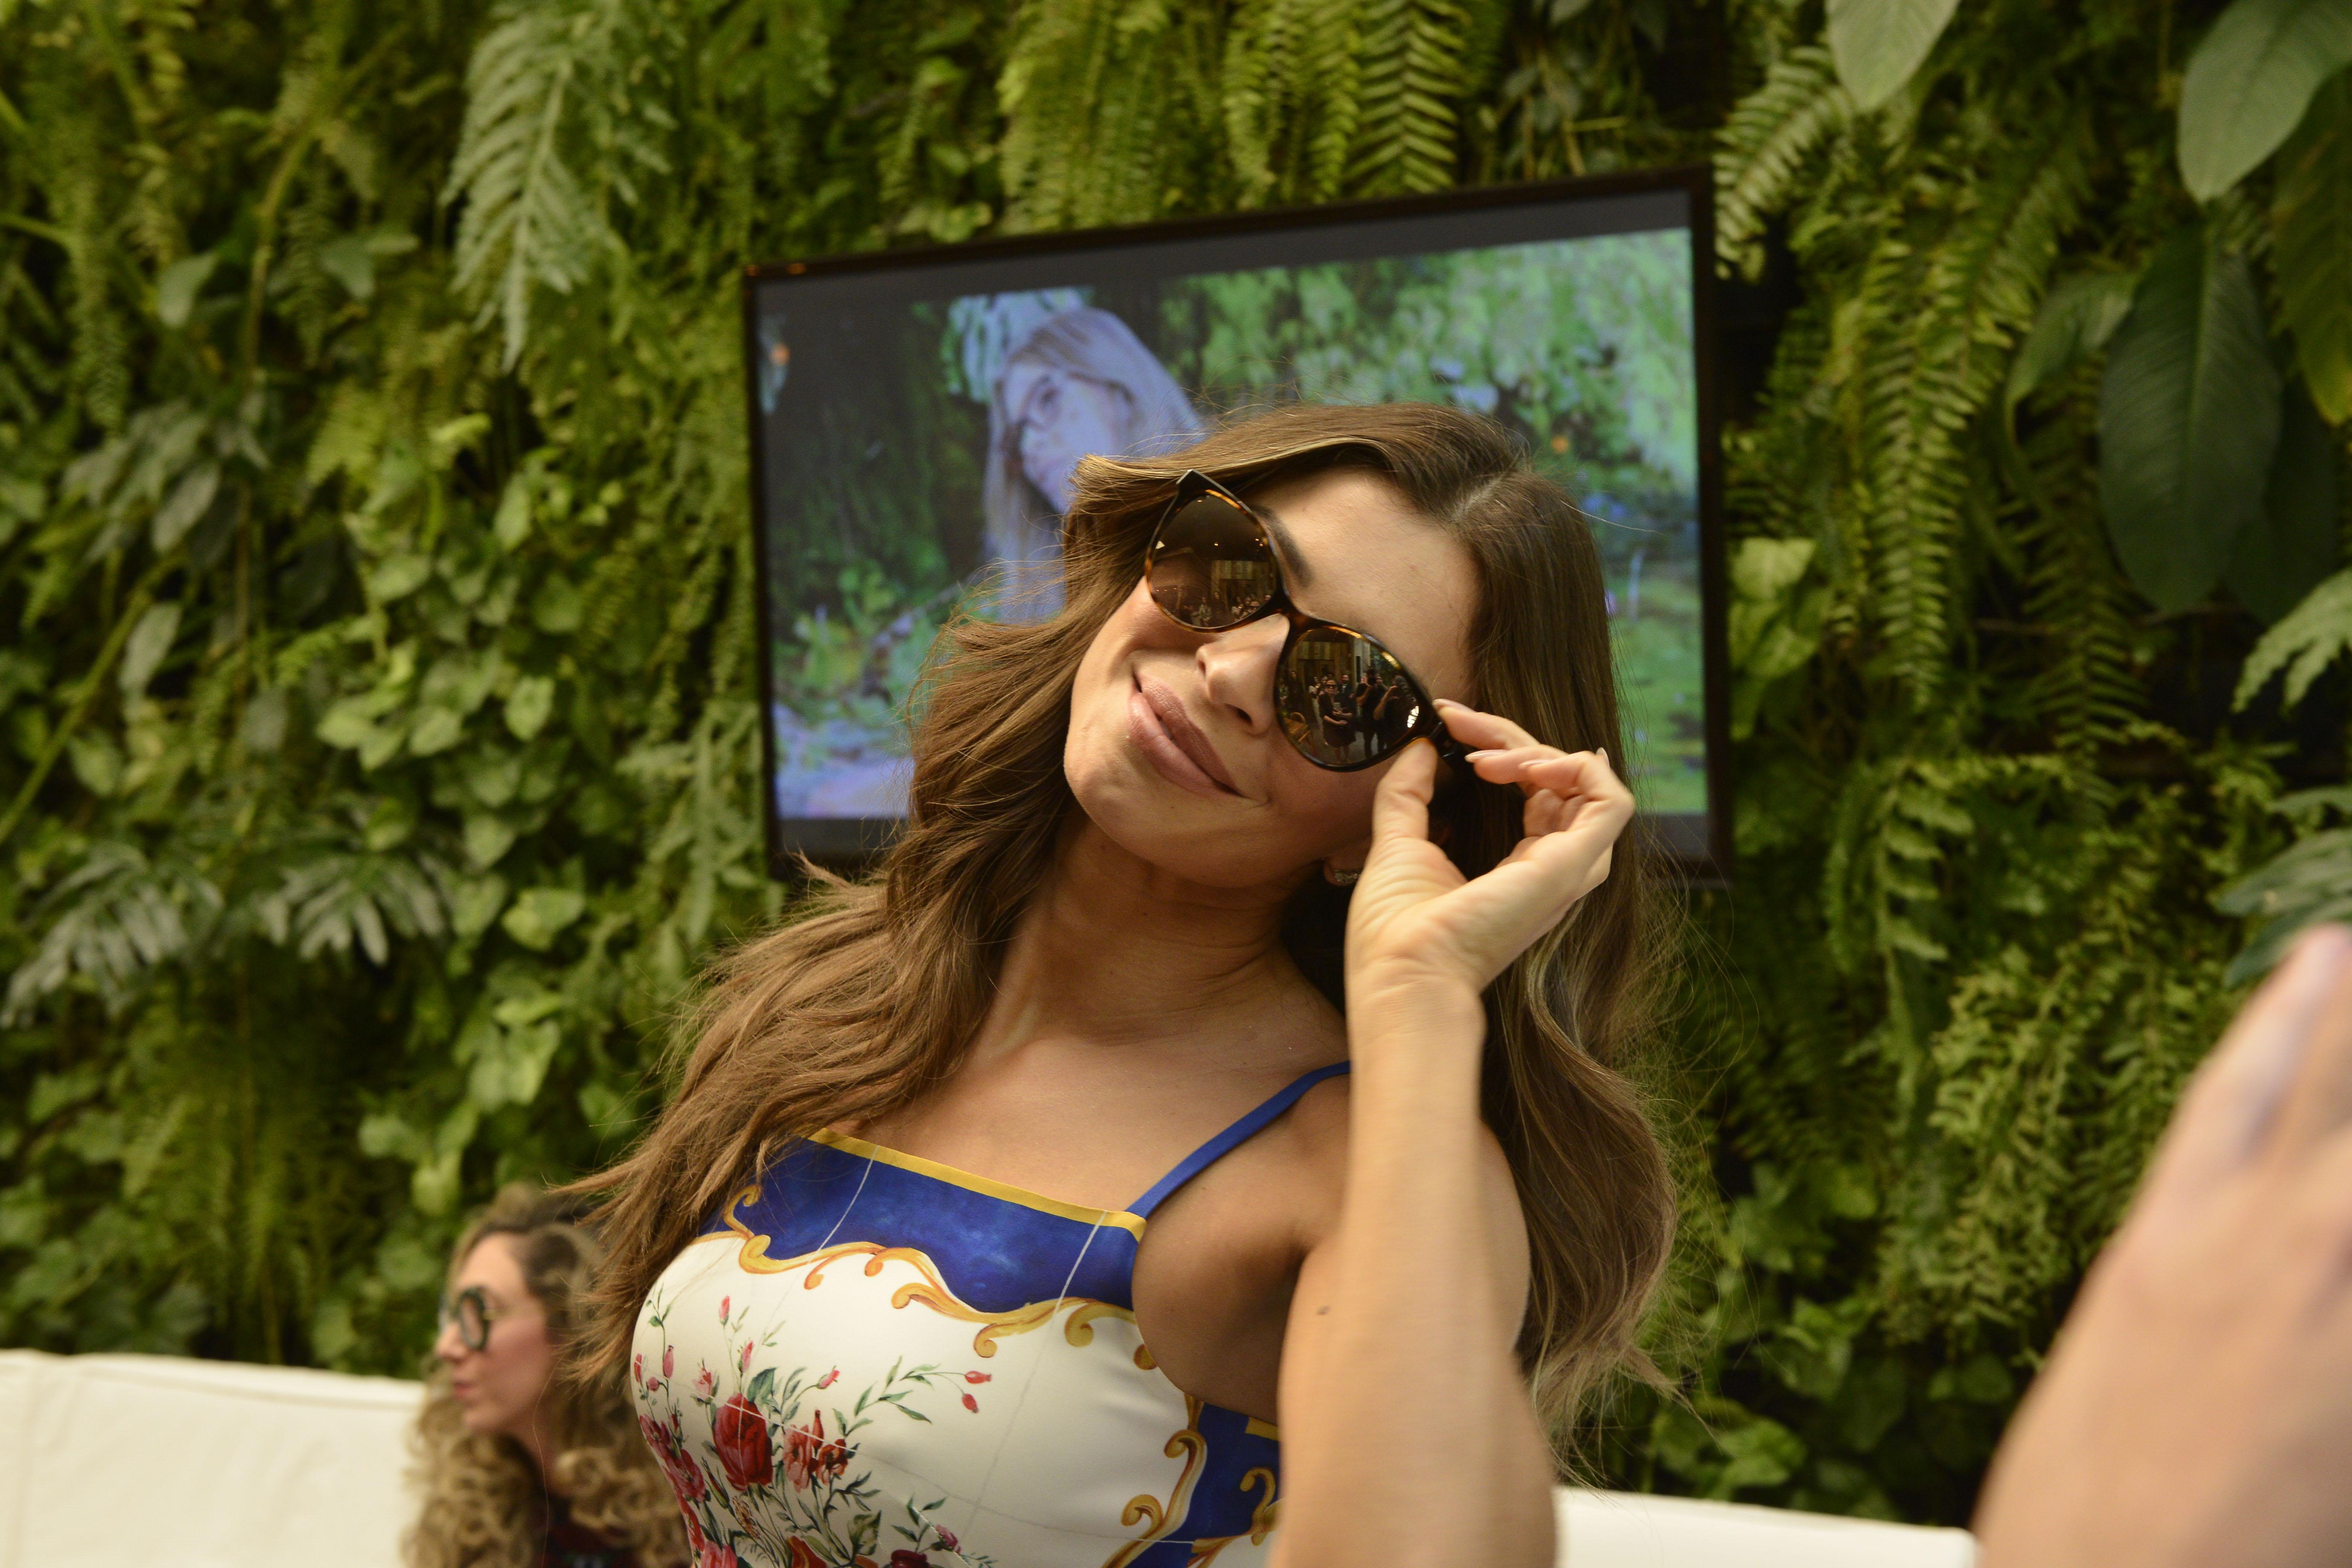 Parte da renda obtida com a venda dos óculos será destinada ao projeto  Teçume, criado pela ONG Casa do Rio. af2366571f